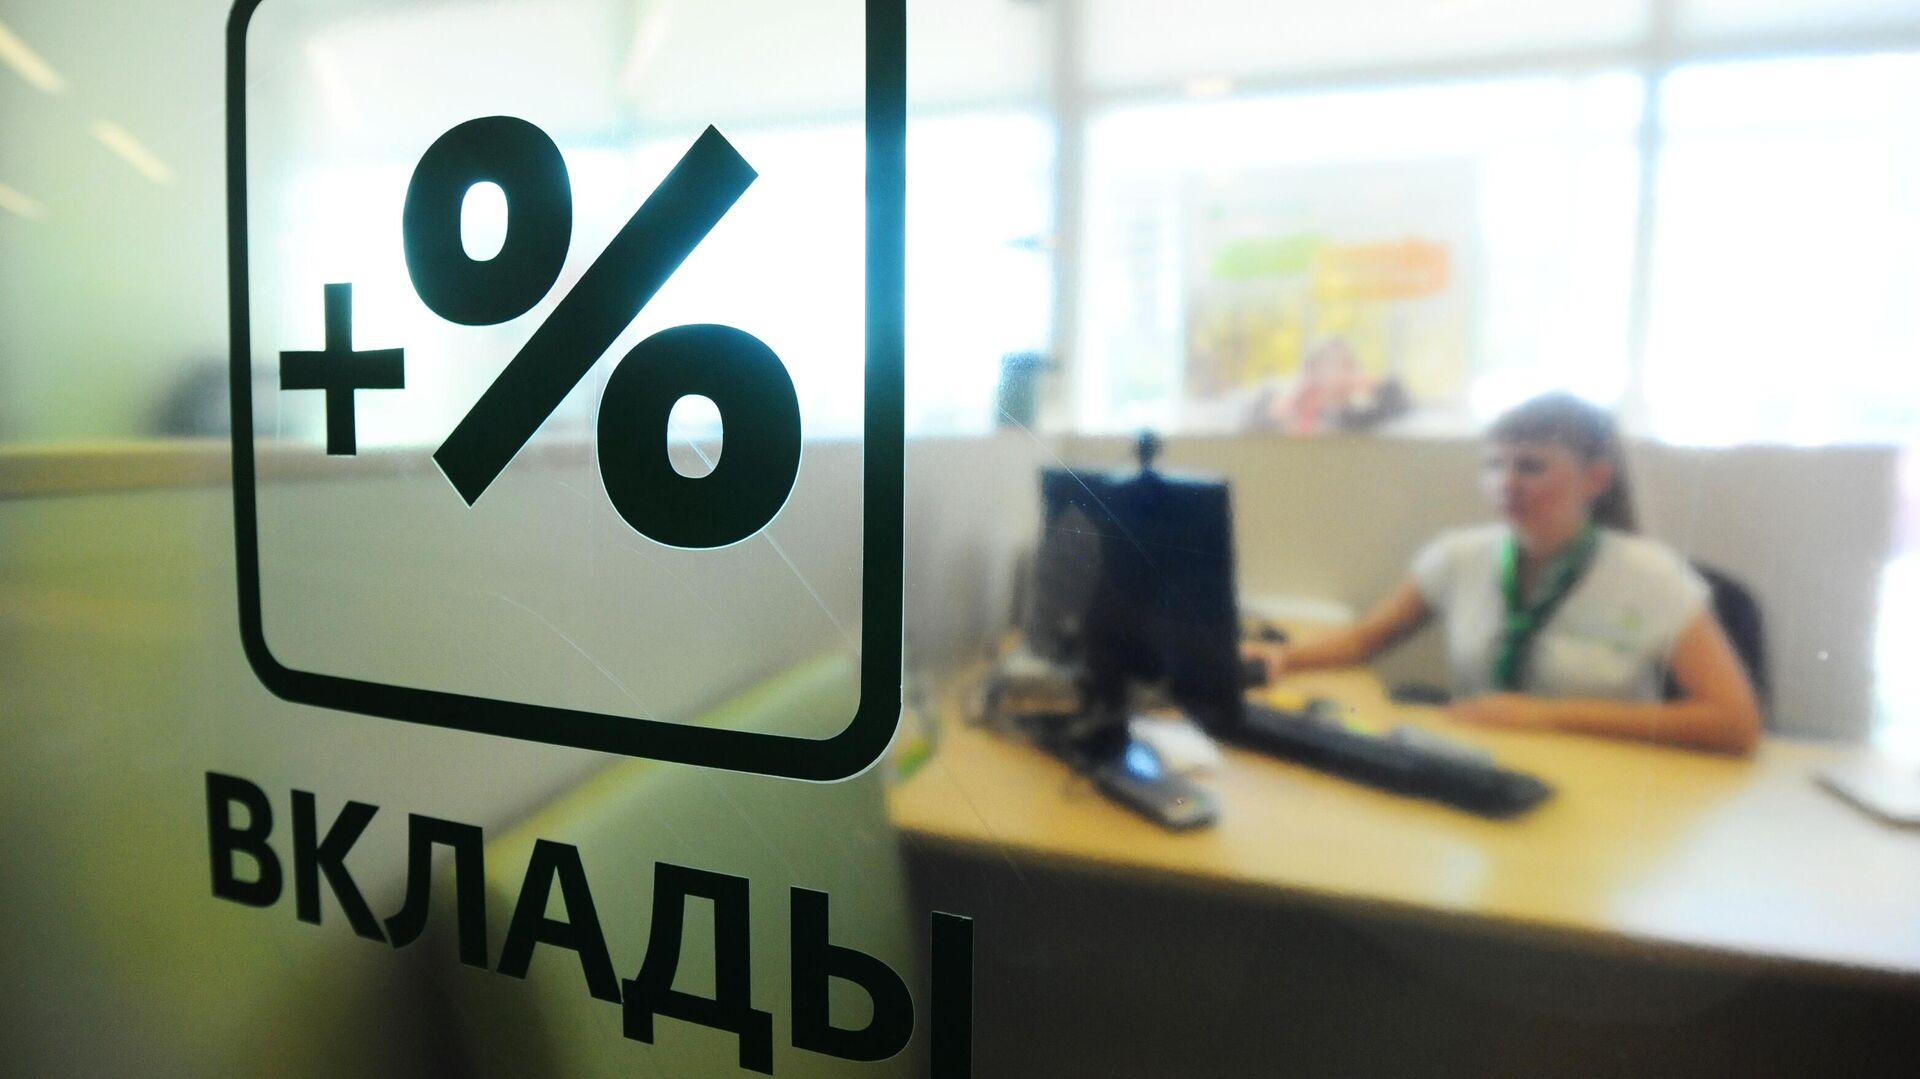 Надпись Вклады на фоне работы менеджеров в банке - РИА Новости, 1920, 07.04.2021